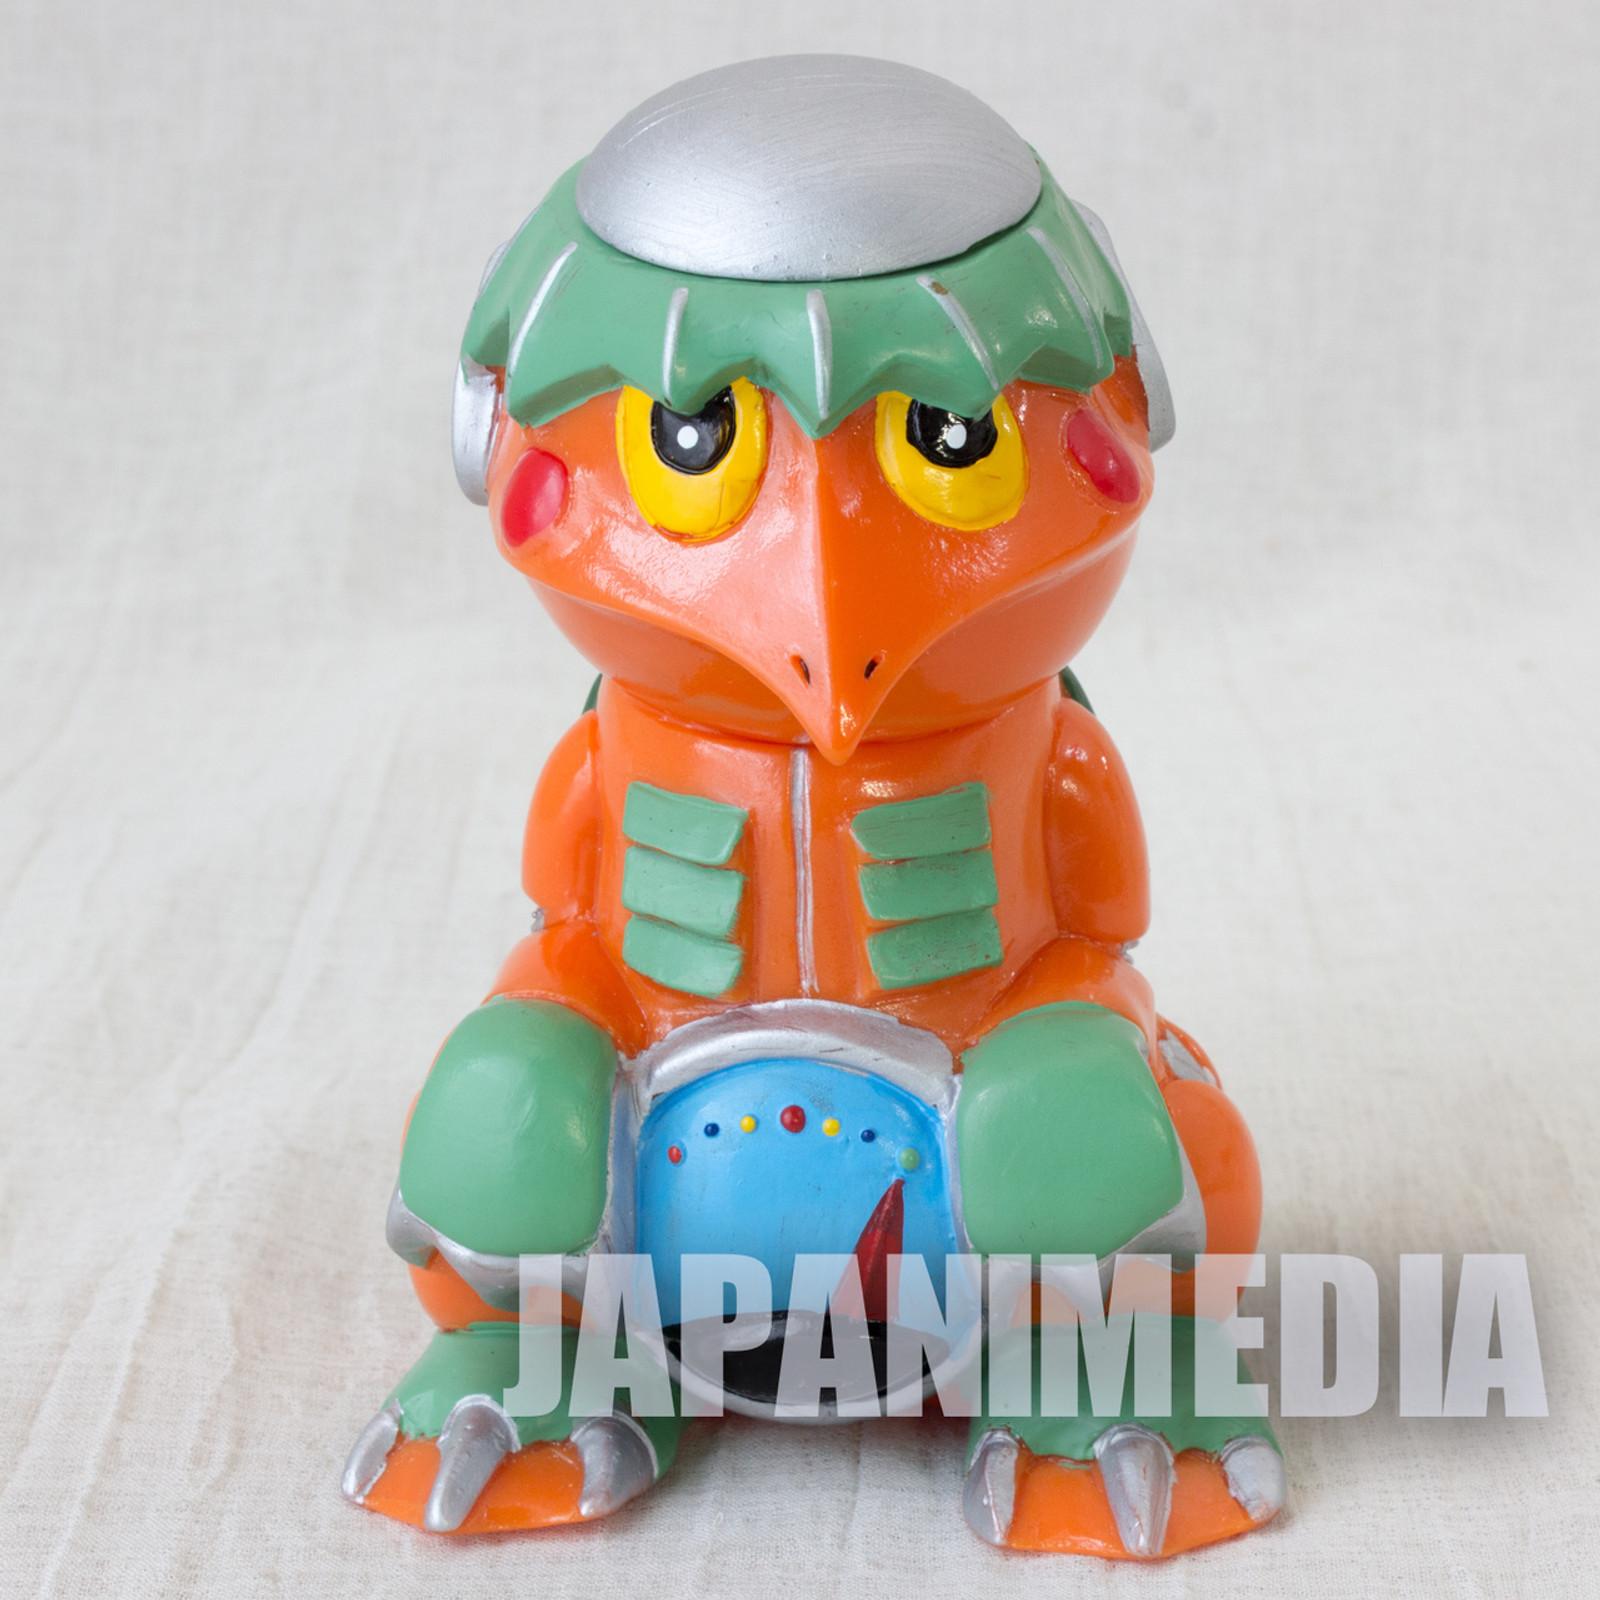 Retro RARE Megappa Tokyo Robot 5th Anniverary Soft Vinyl Figure 1999